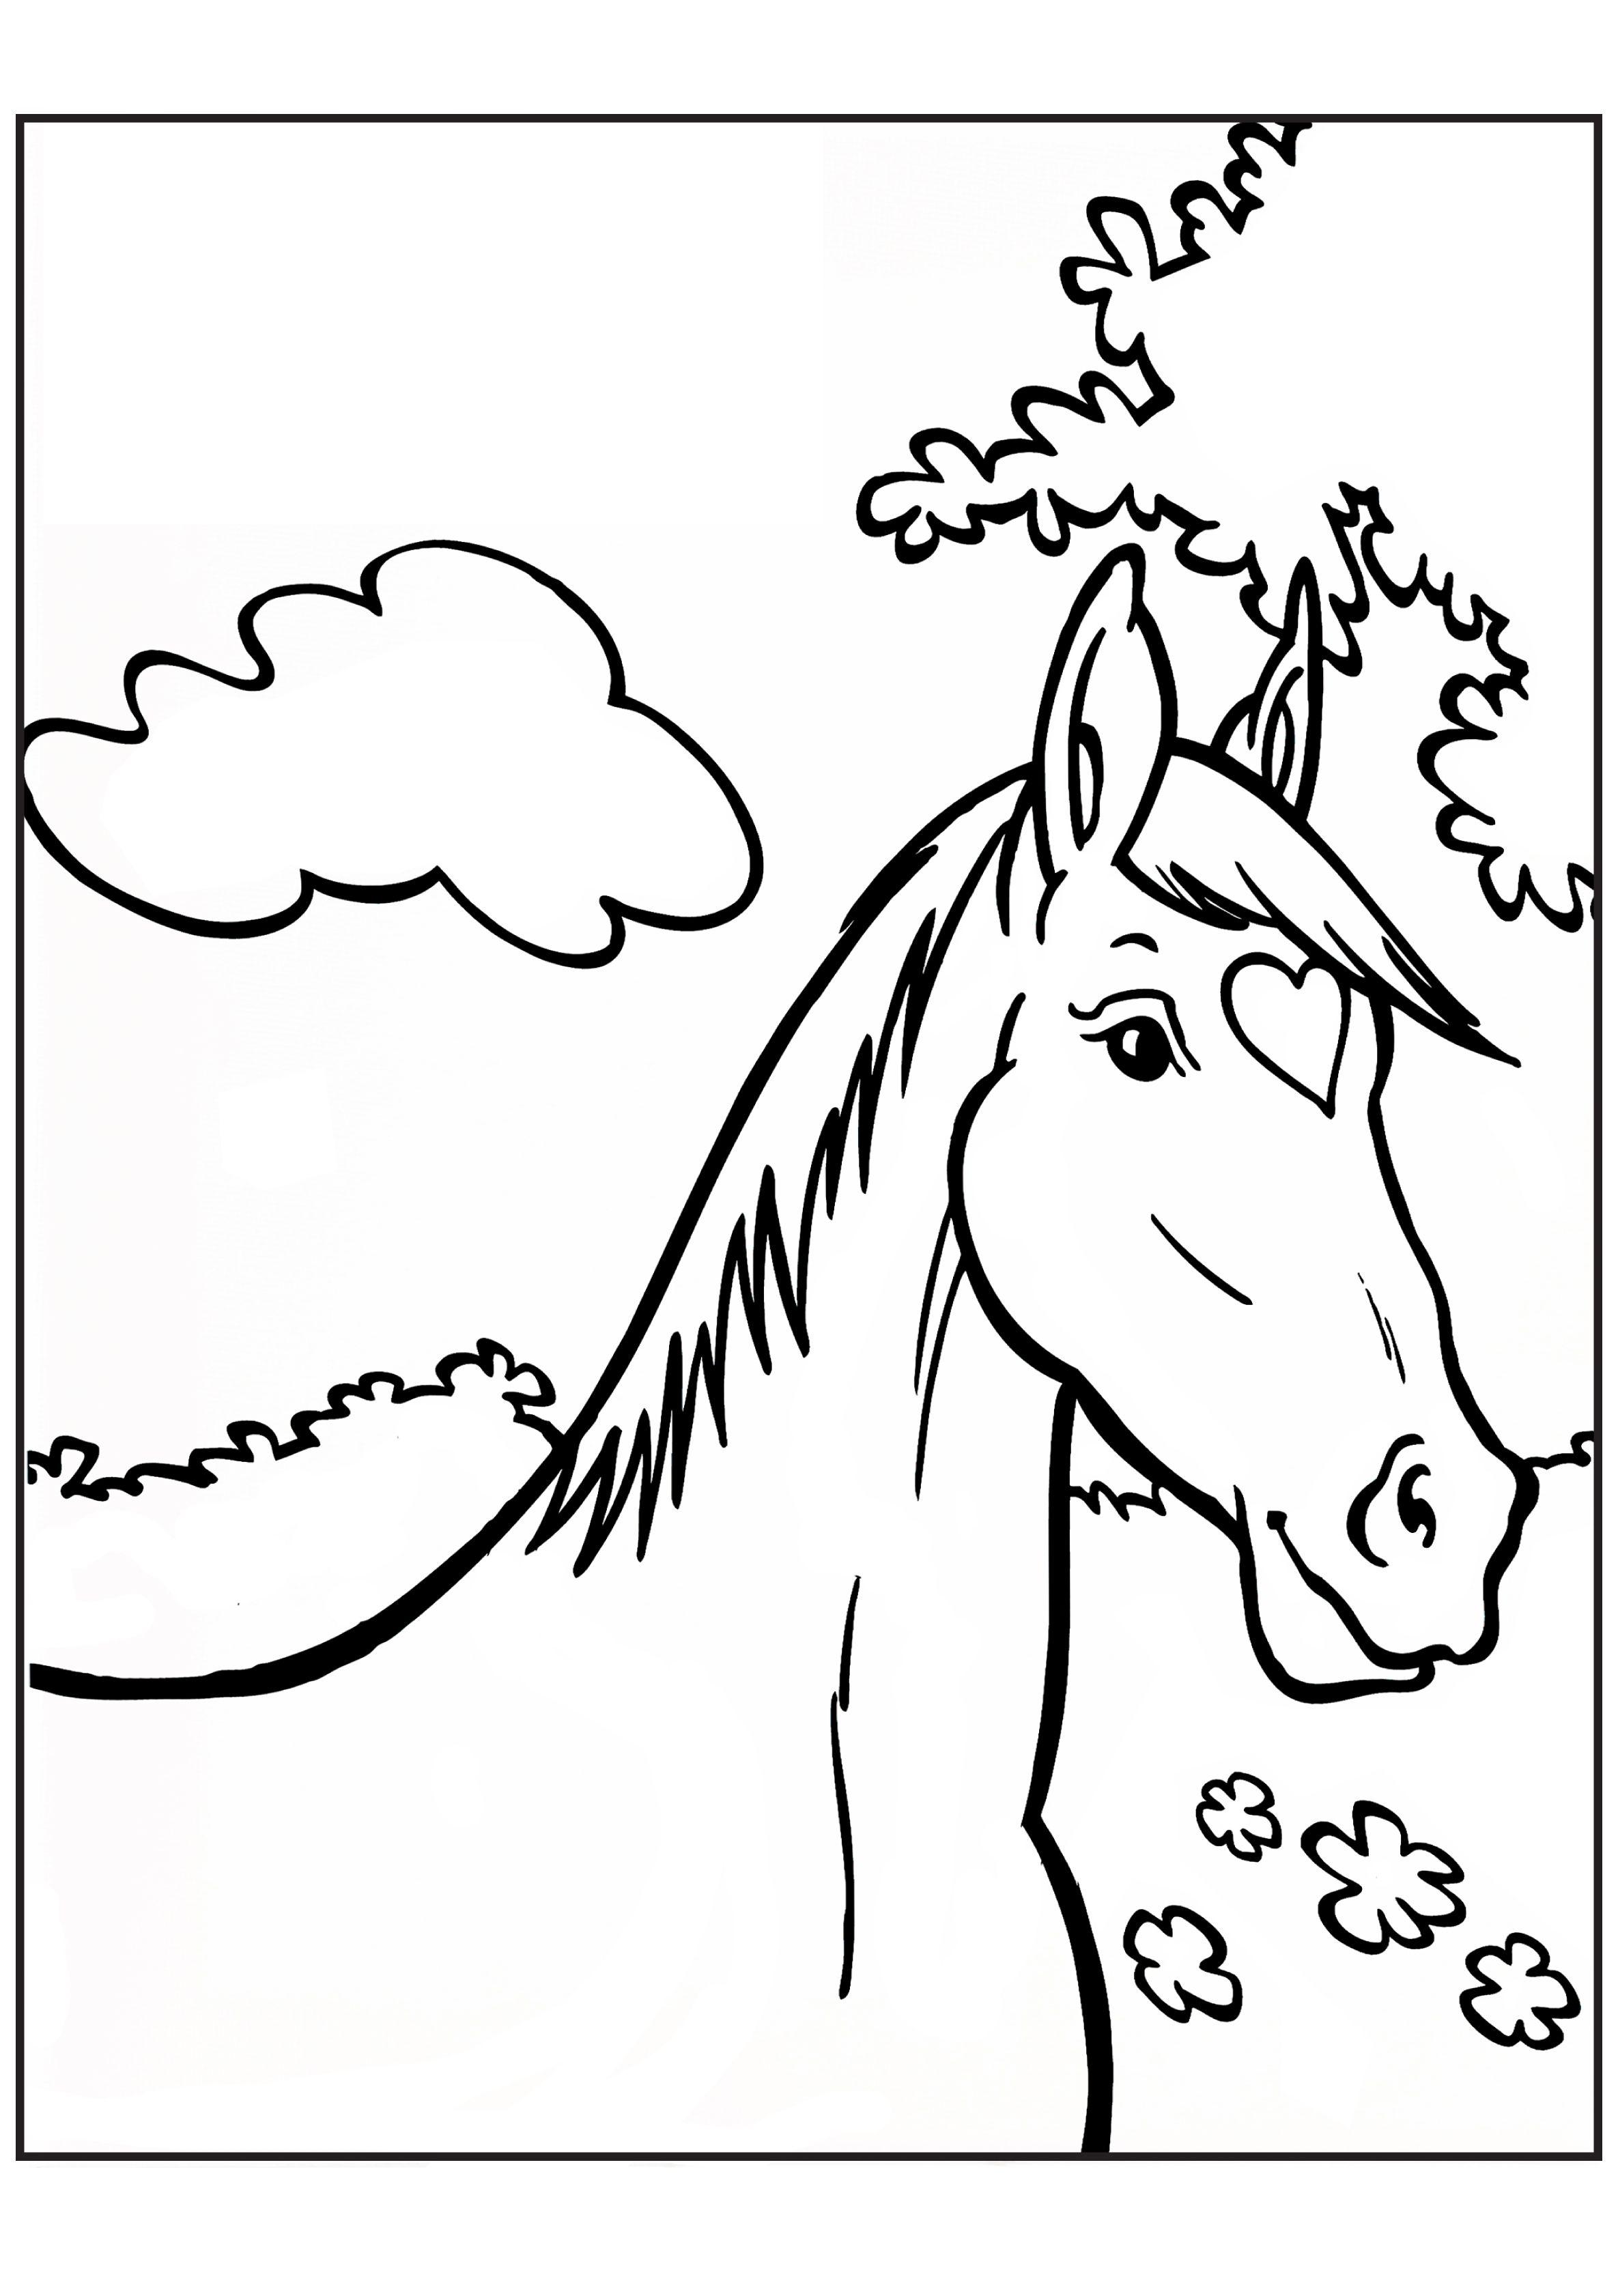 Kleurplaten Paard En Ruiter.Geniaal Kleurplaten Van Paarden En Pony S Klupaats Website